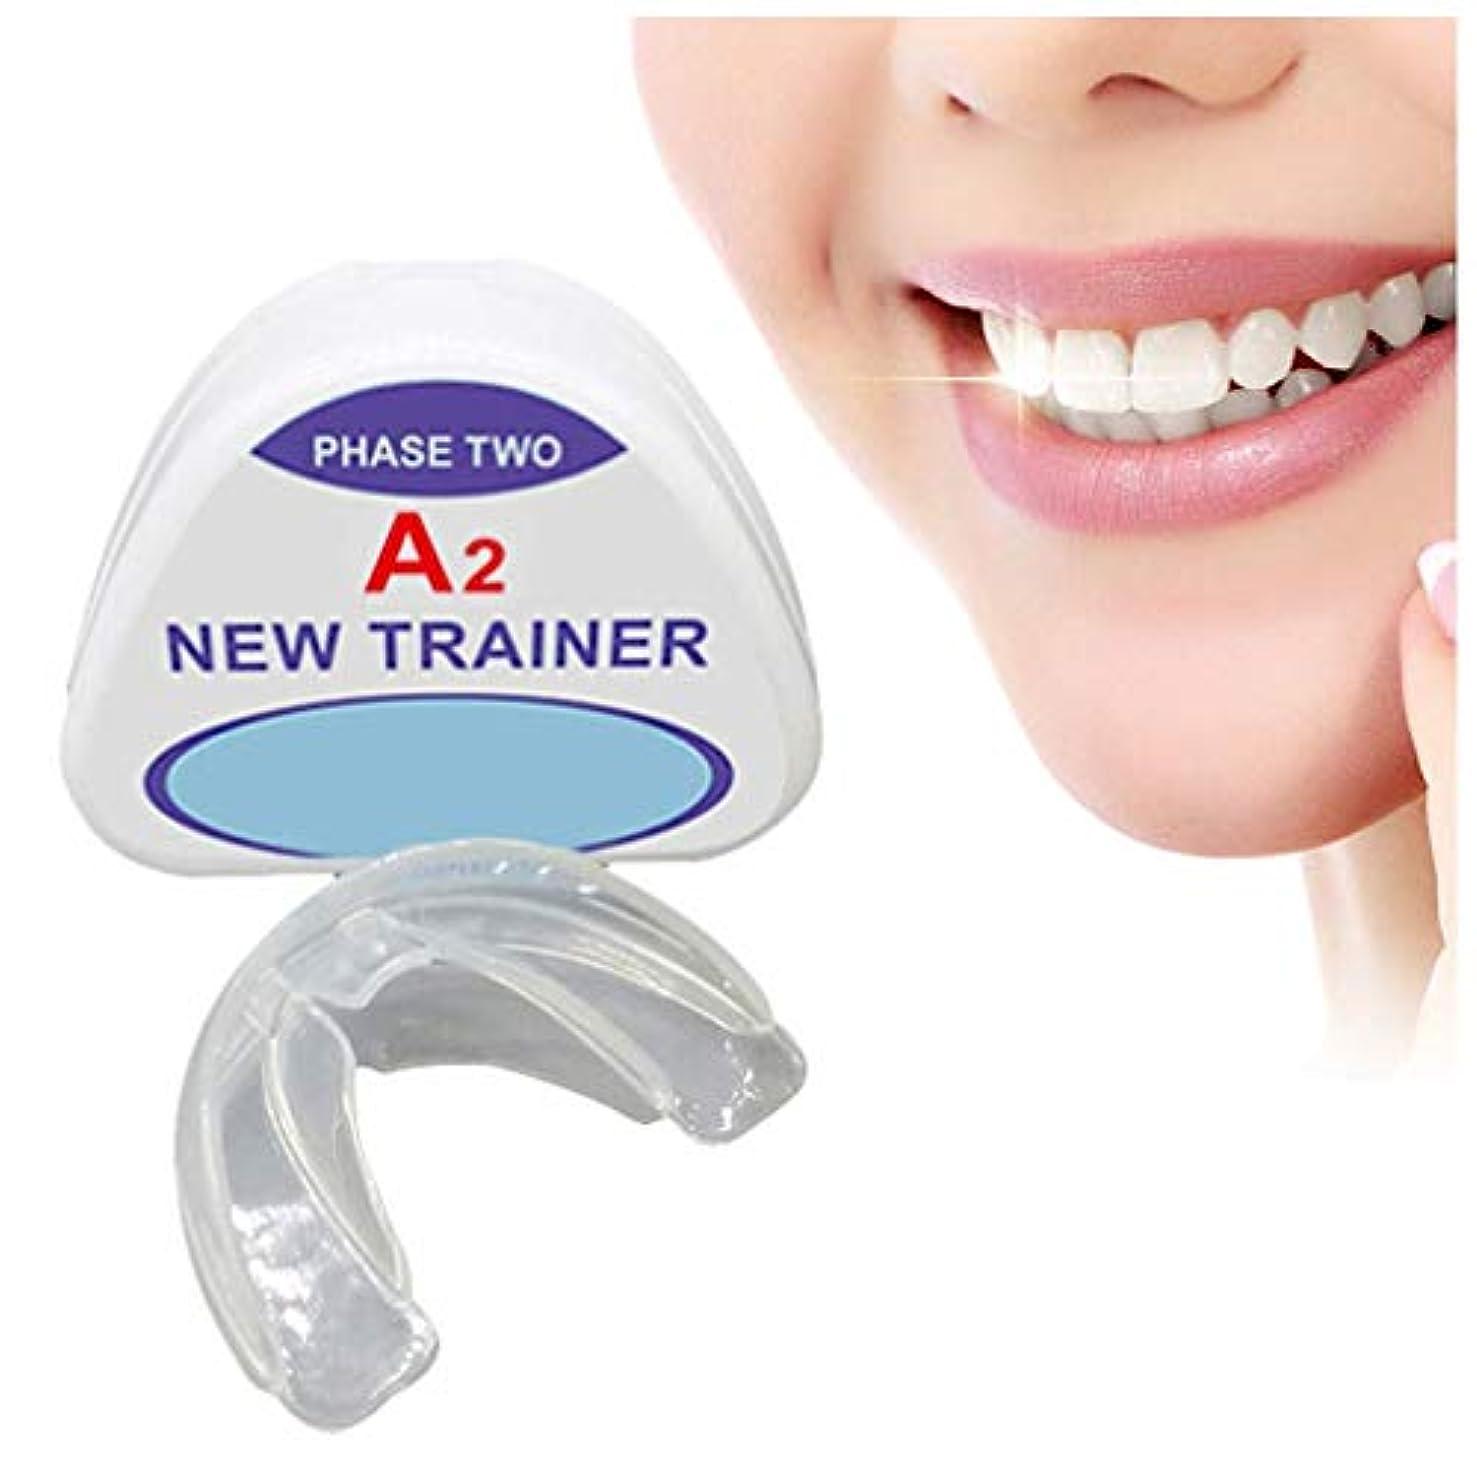 演劇ブースト差し引く歯列矯正トレーナーリテーナー、歯科用マウスガード歯列矯正器具、歯用器具夜予防臼歯ブレース